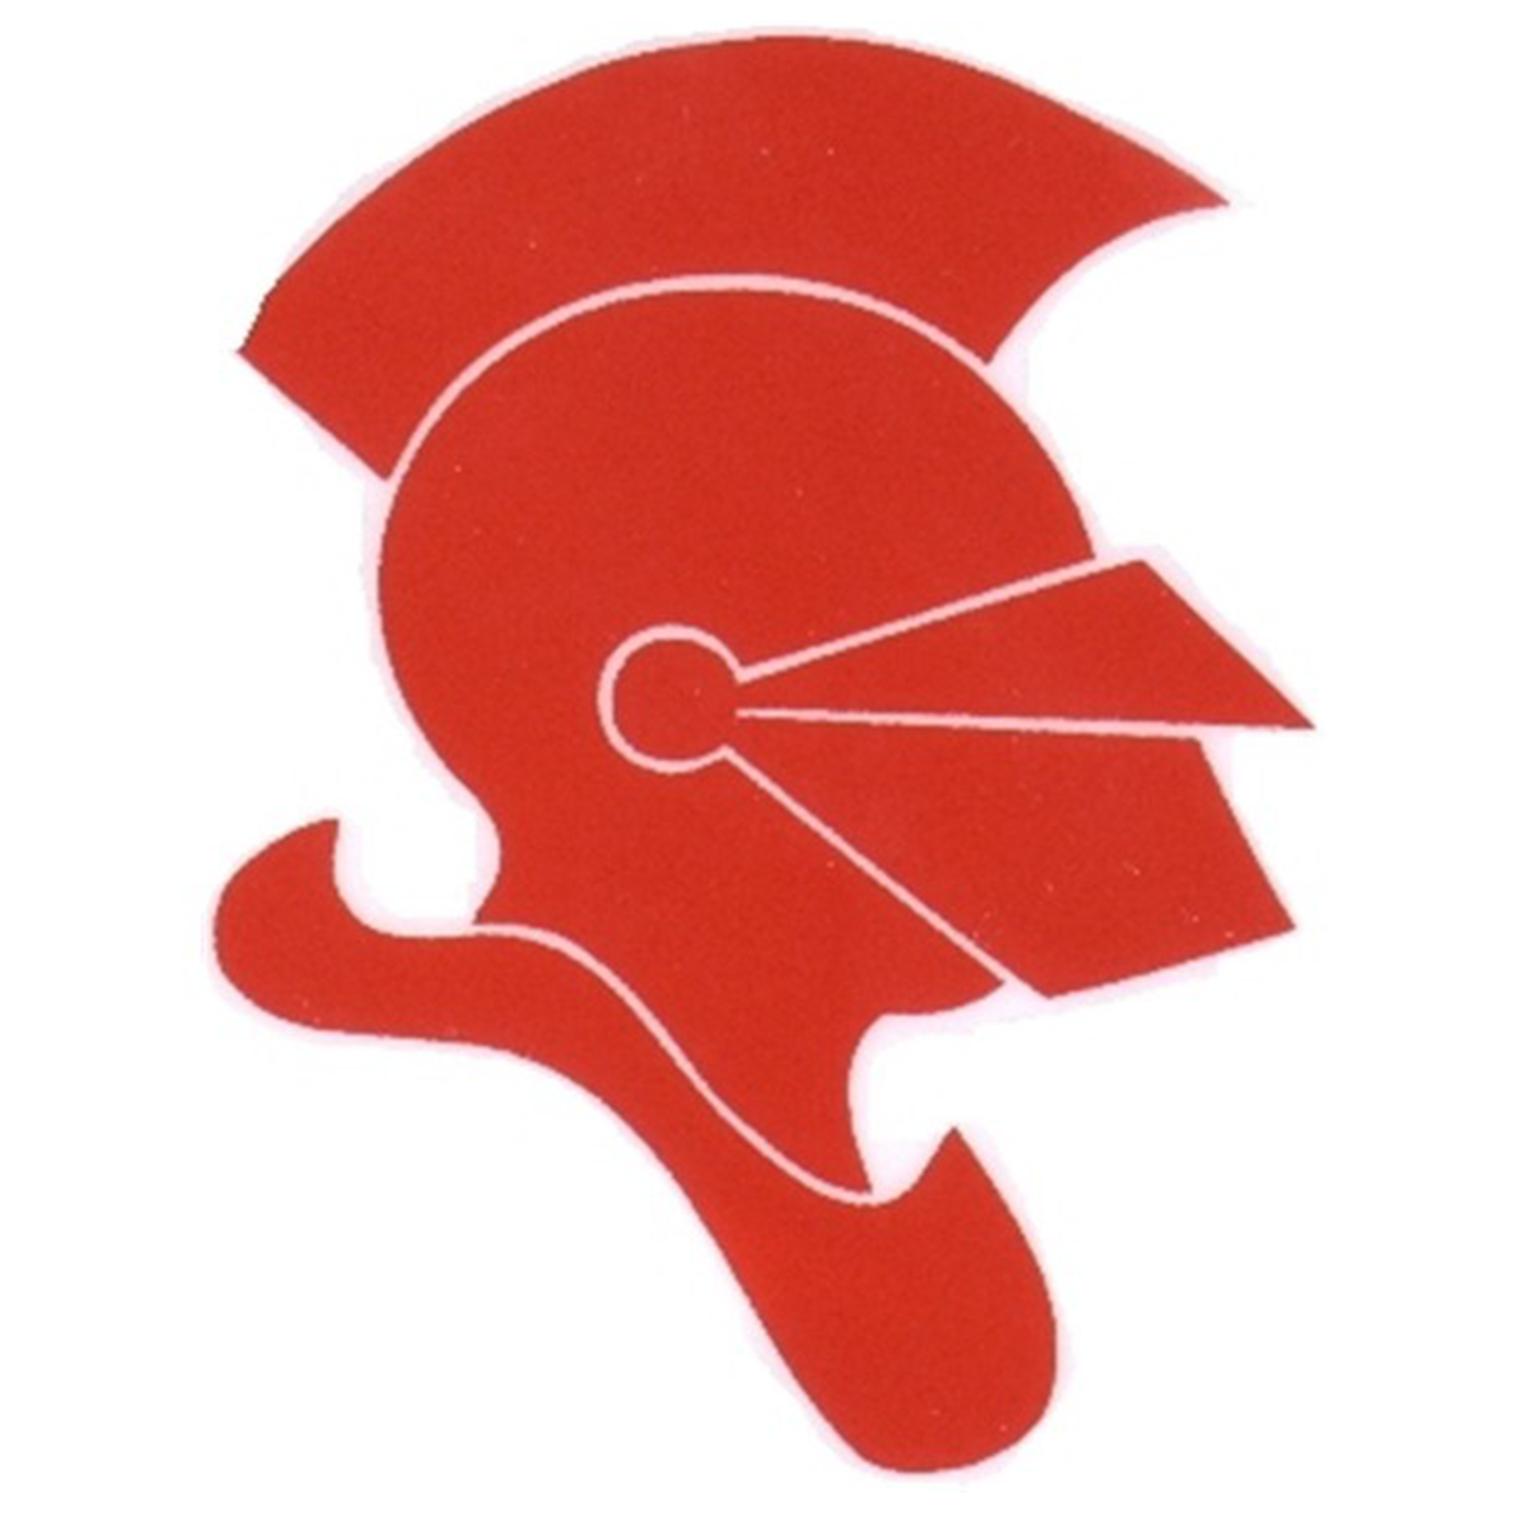 Benilde-St. Margaret's Red Knights